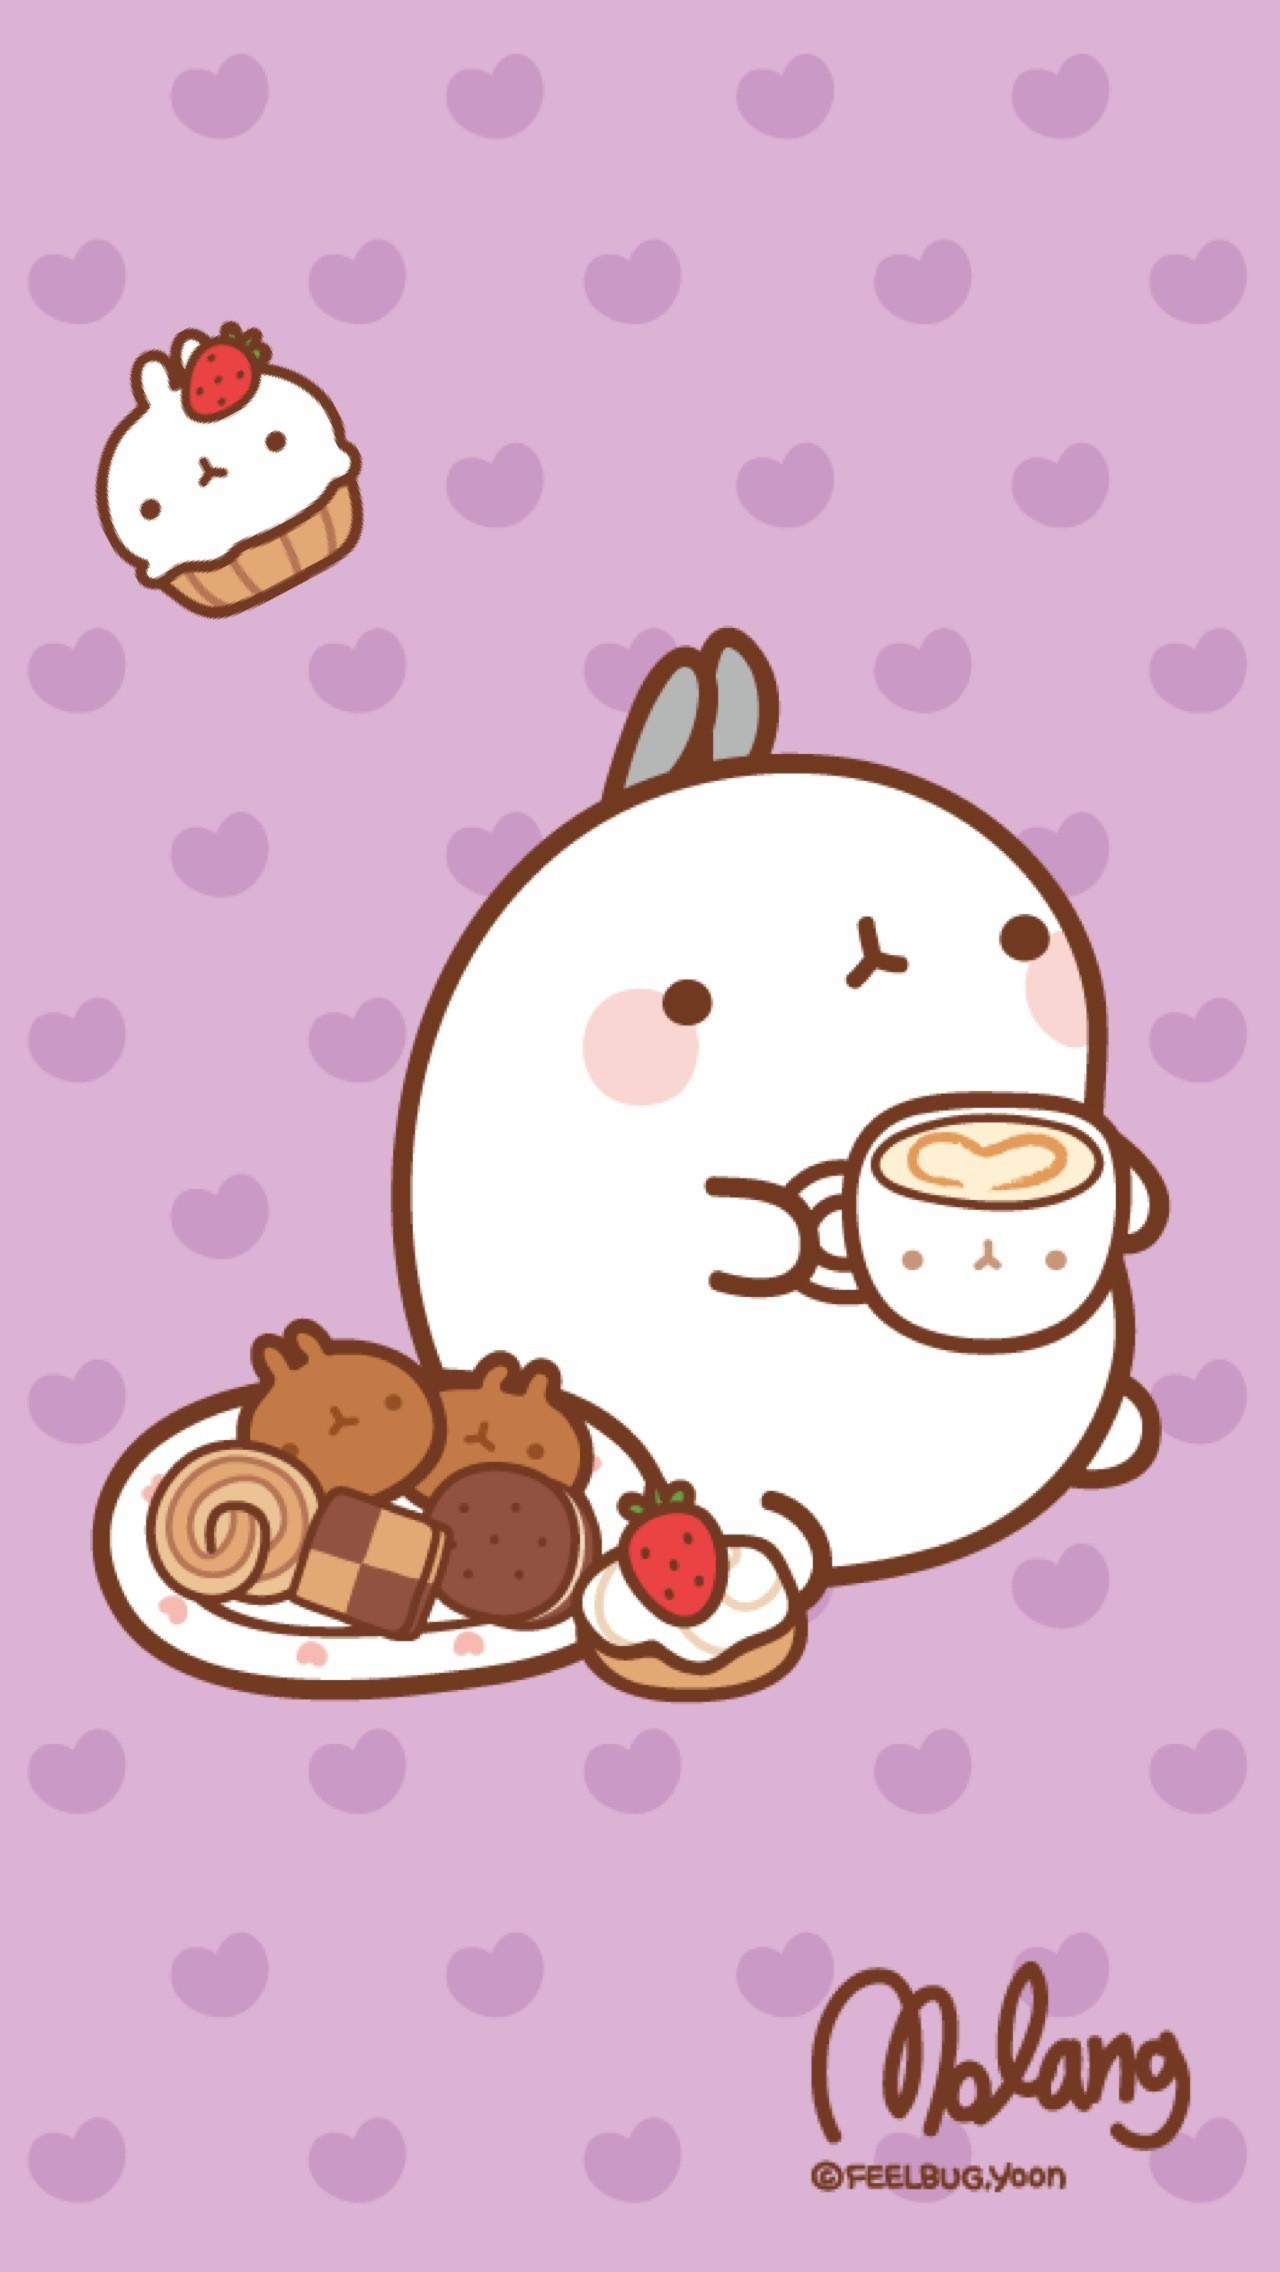 Molang Bunny with Kawaii Food